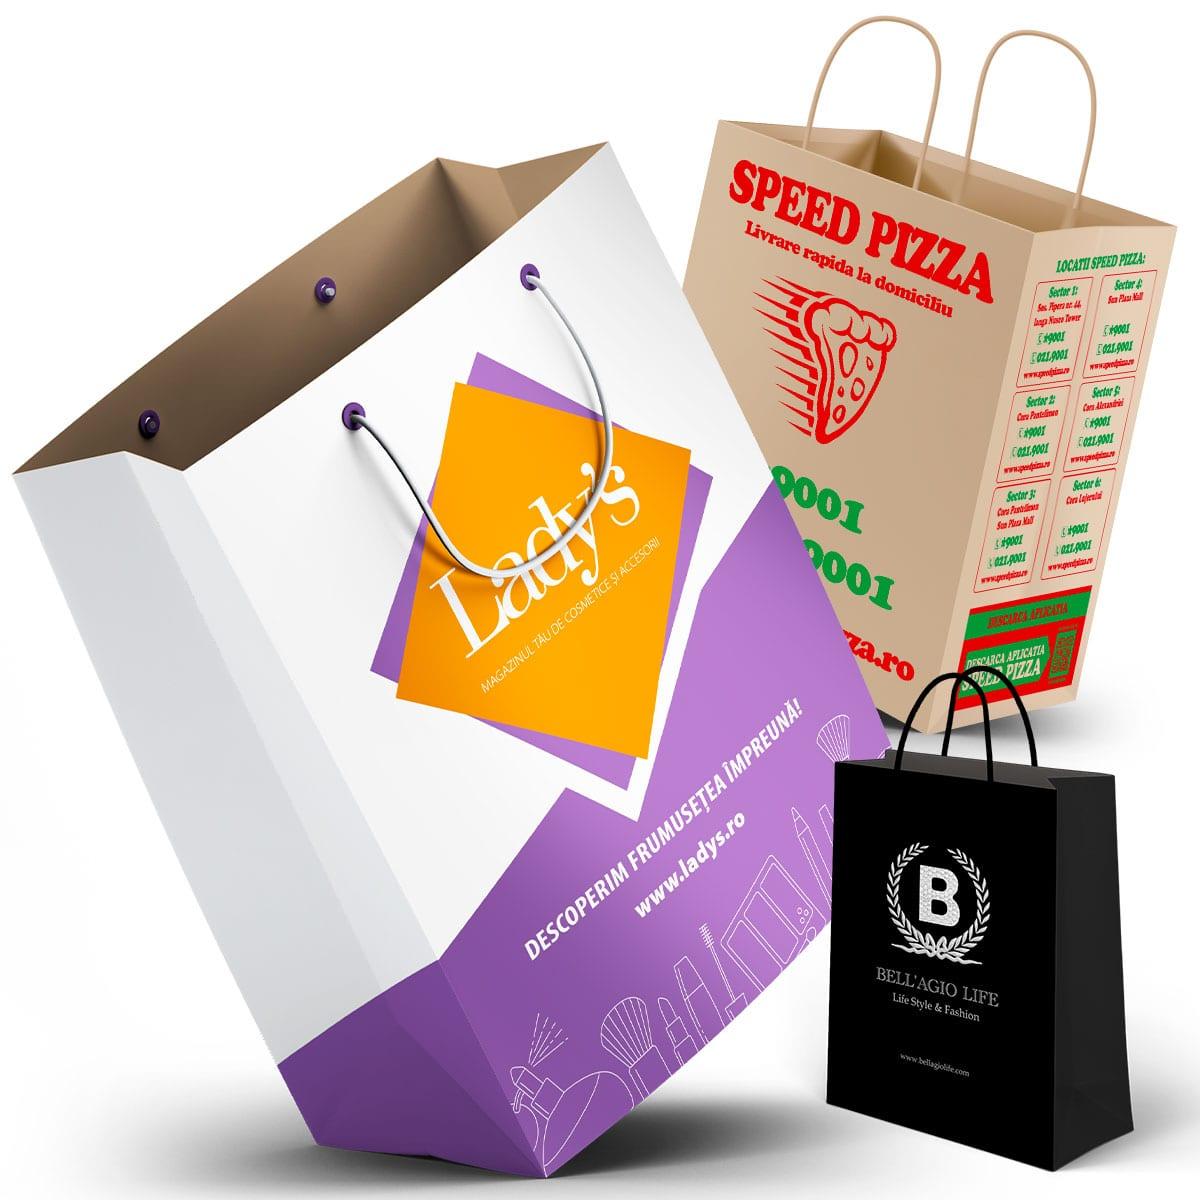 Venim în sprijinul tău cu propuneri de grafică pungi hârtie și plastic realizat de către specialiști cu experiență